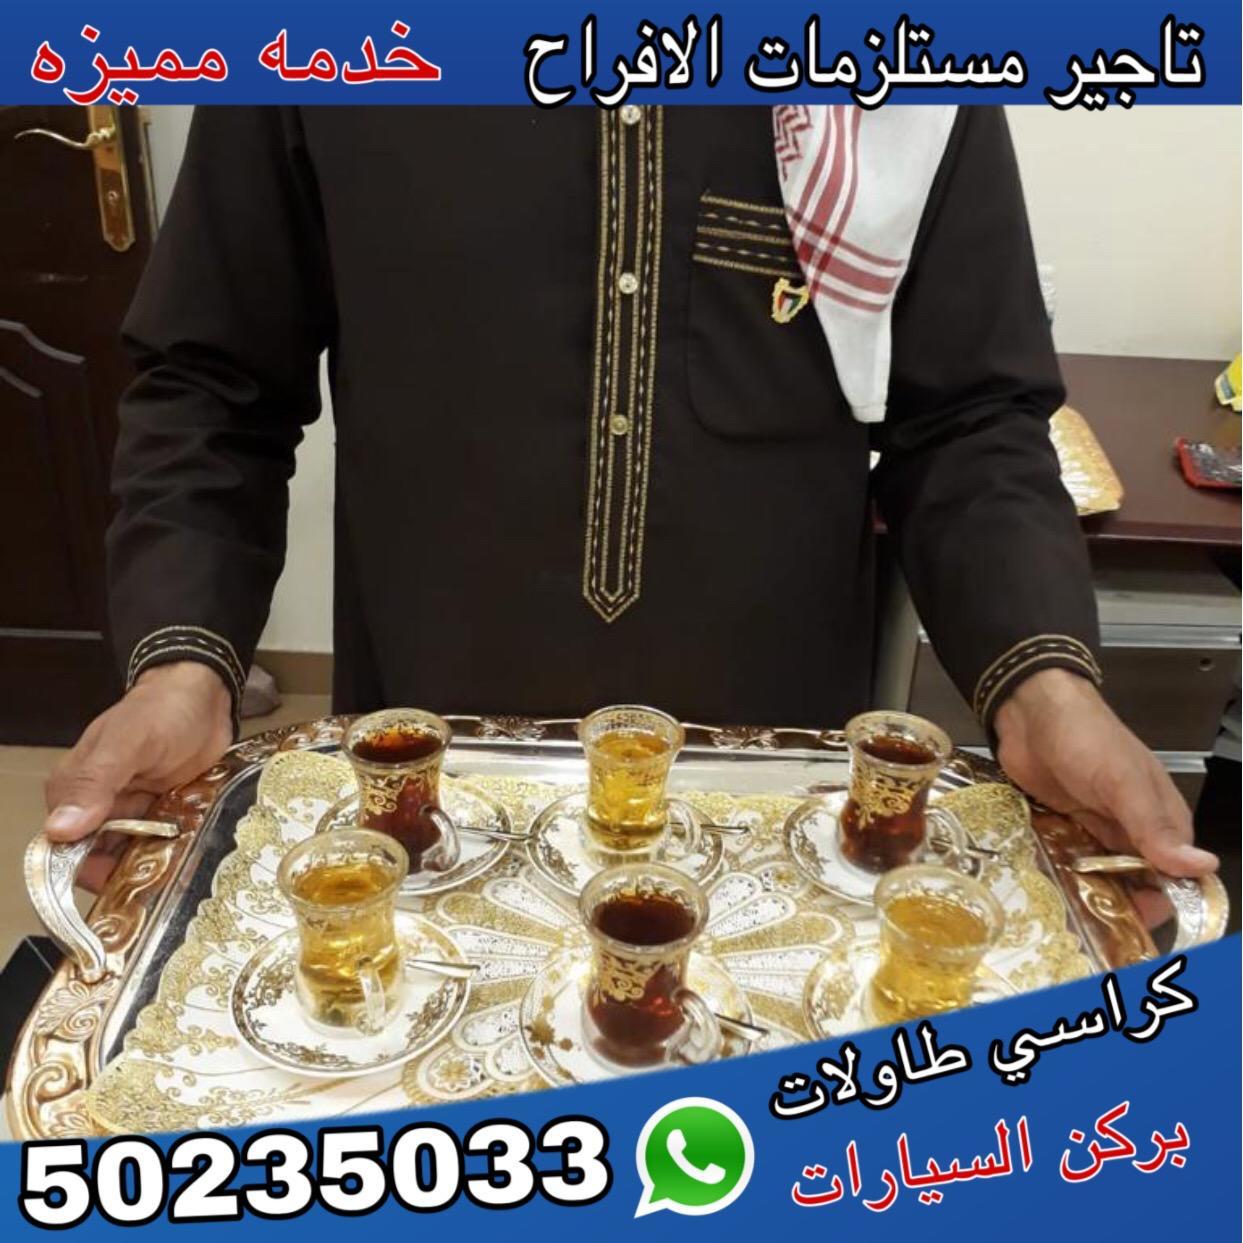 خدمة ضيافة شاي قهوة | 50235033 | الفخامة الكويتية